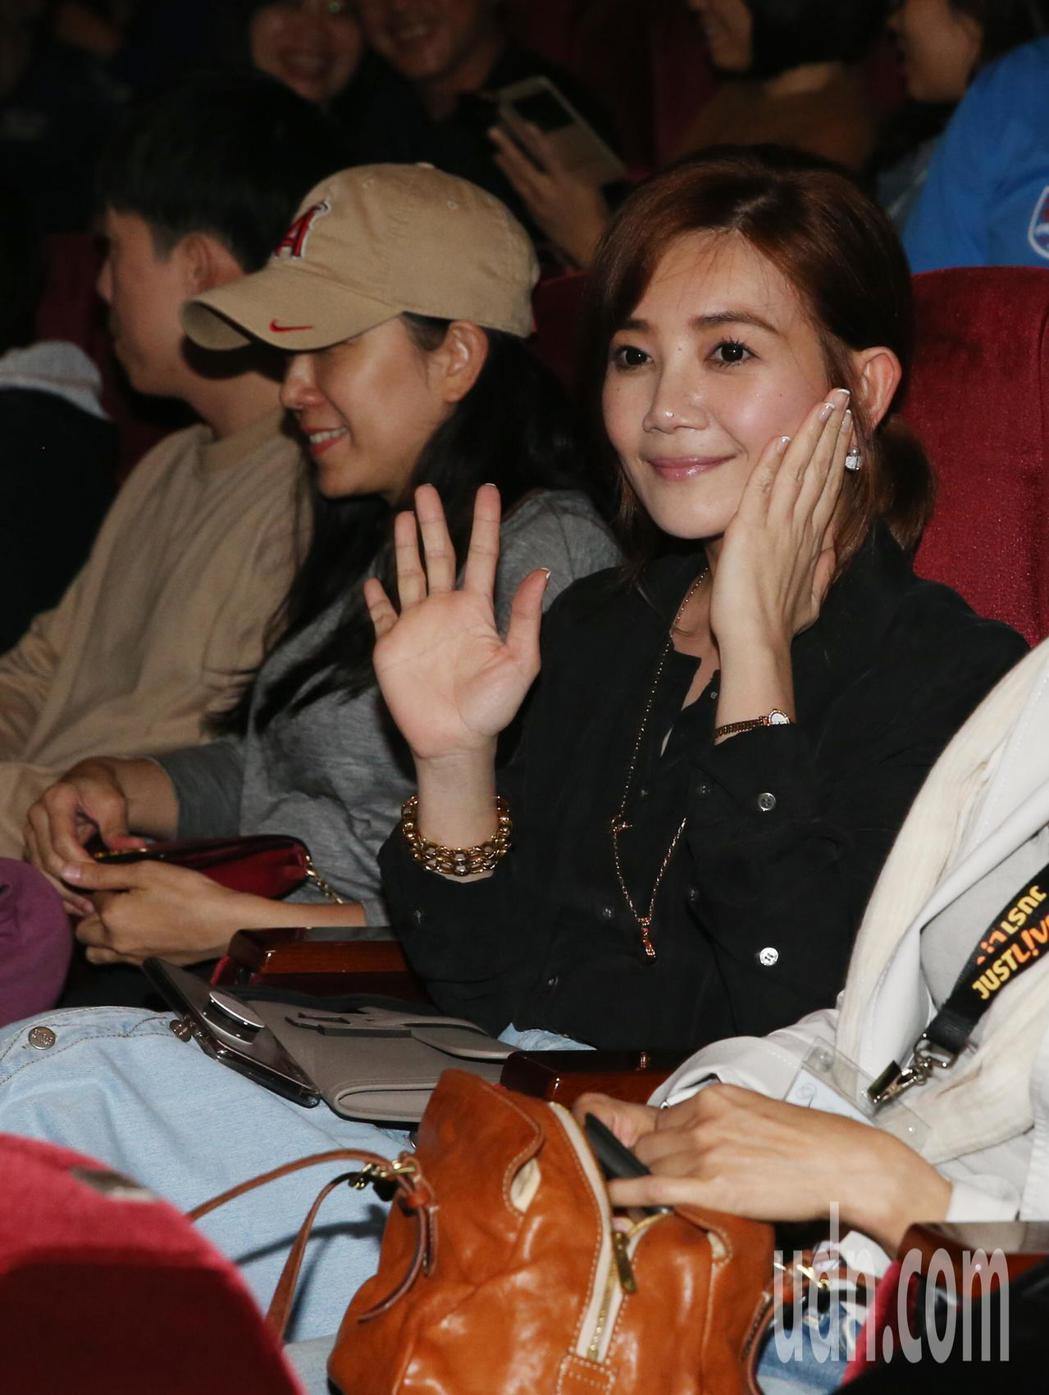 陶晶瑩演唱會眾星雲集 ,梁靜茹也到場。記者林俊良/攝影